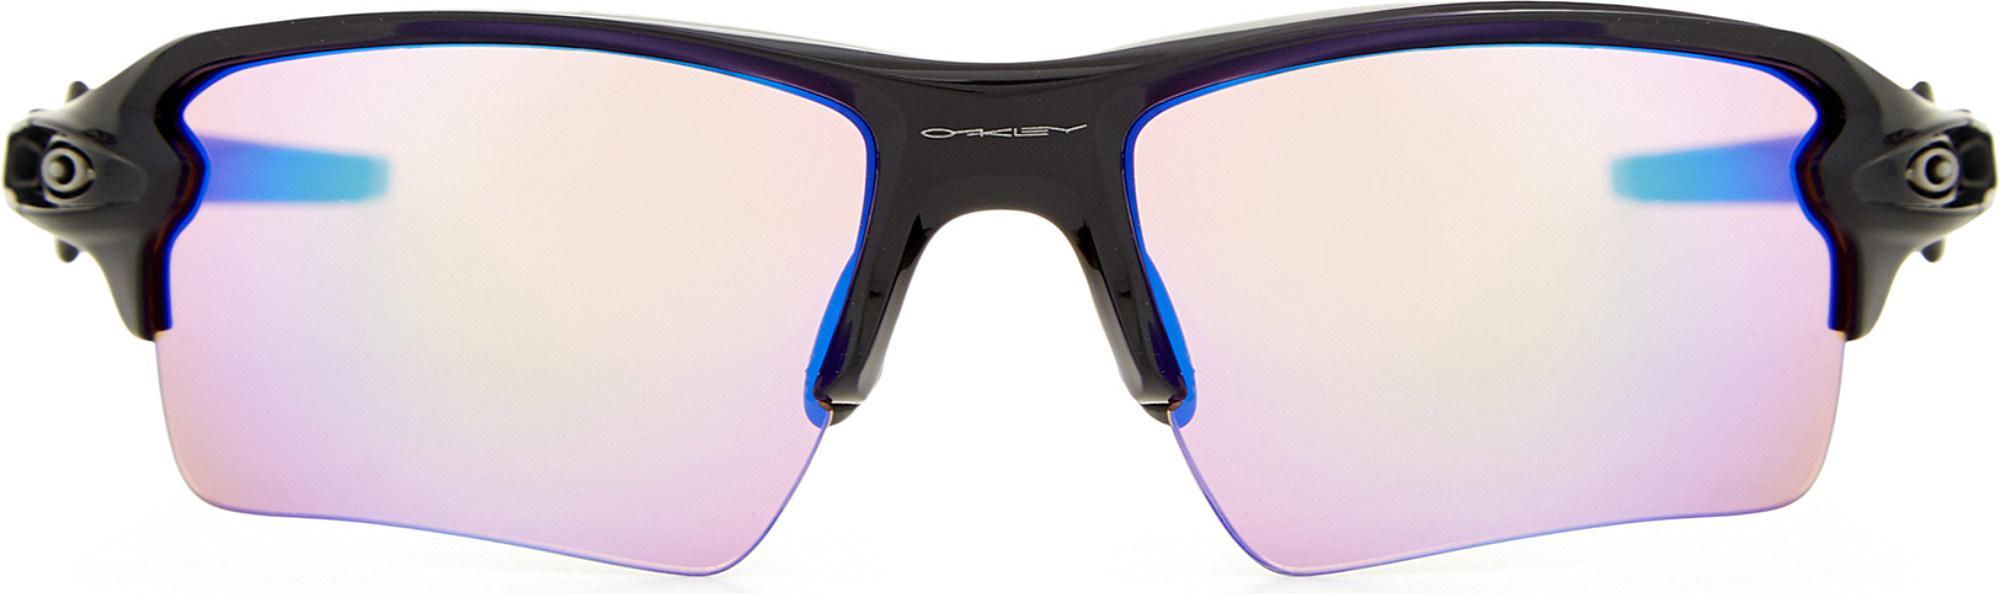 b98a1af9b97 Lyst - Oakley Oo9188 Flak 2.0 Xl Square-frame Sunglasses in Black ...